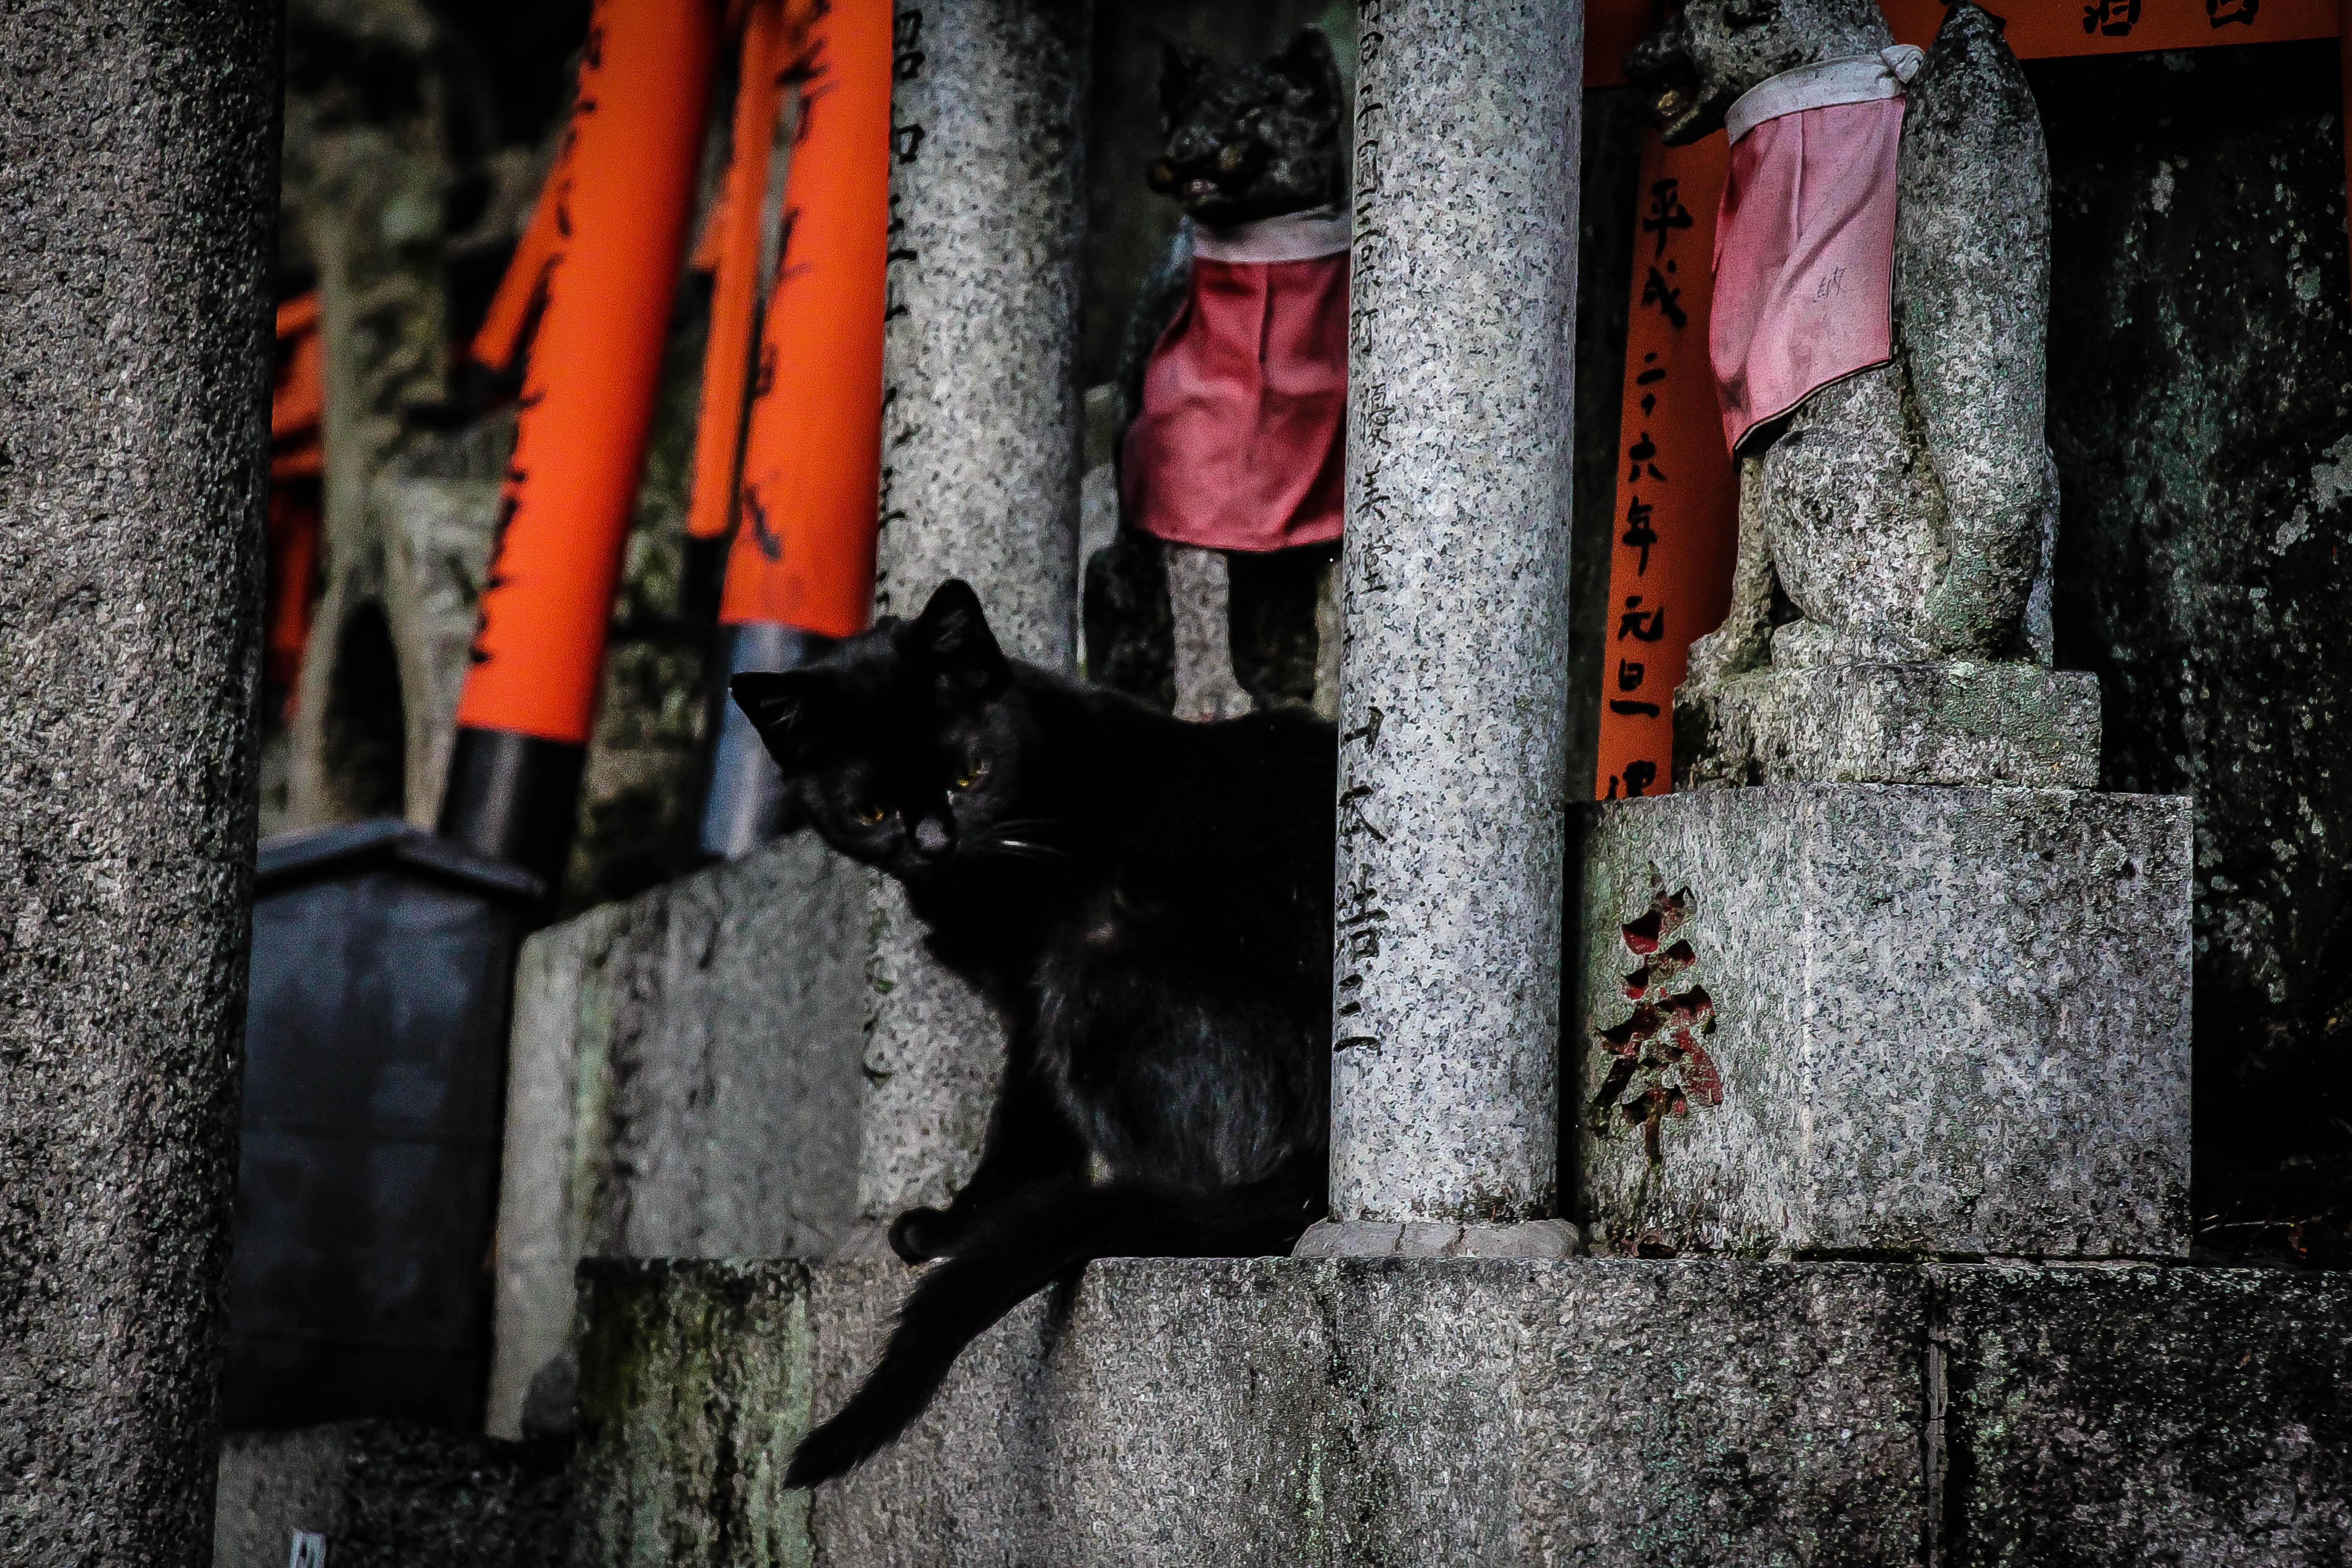 black cat between two pillars